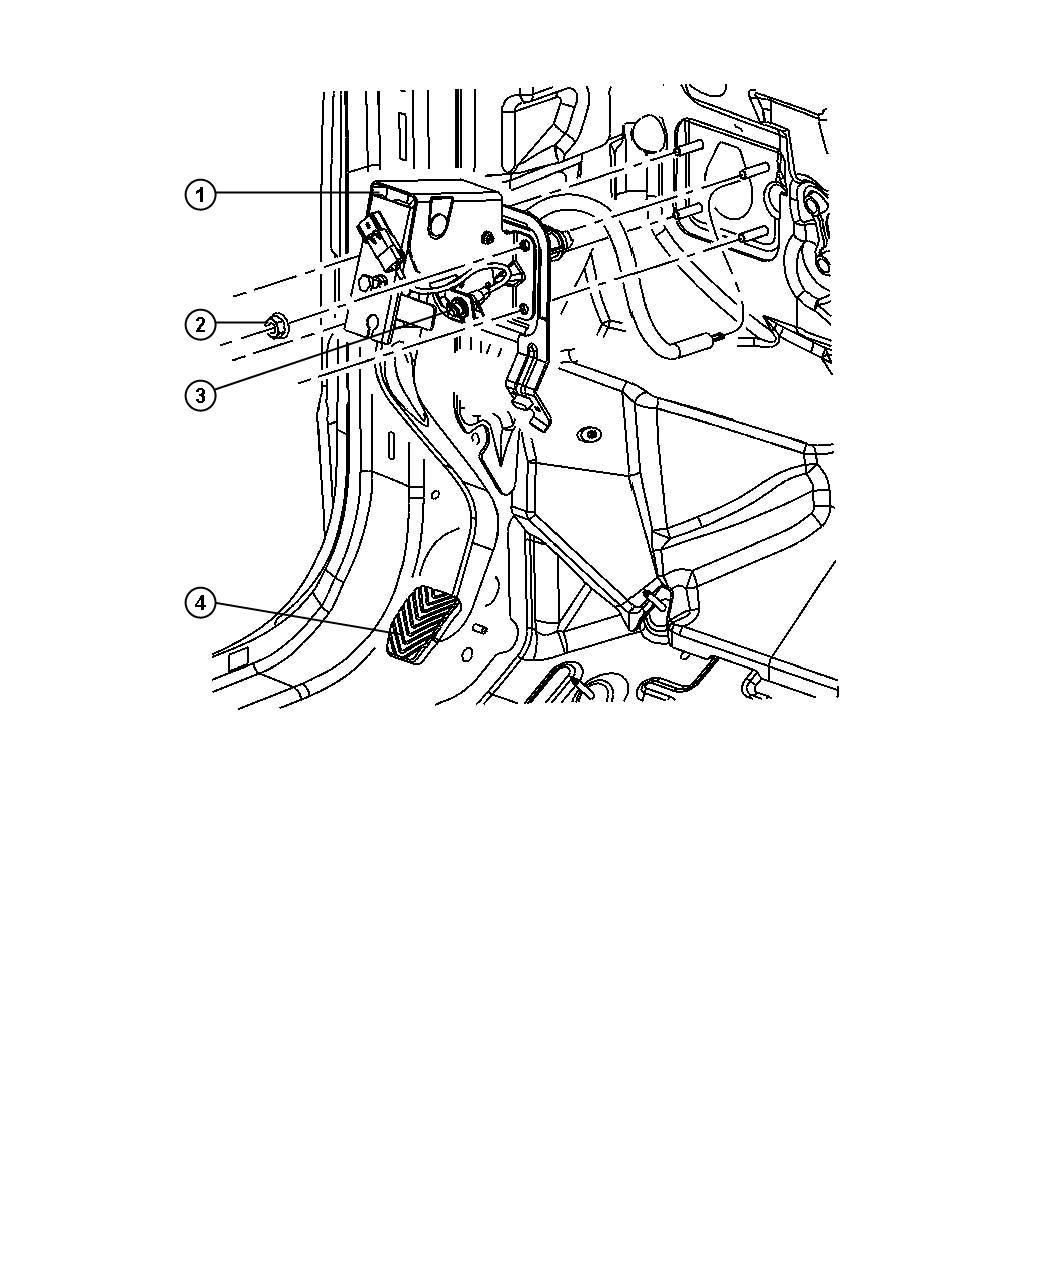 Dodge Caliber Pedal Clutch 5 Speed Manual T355